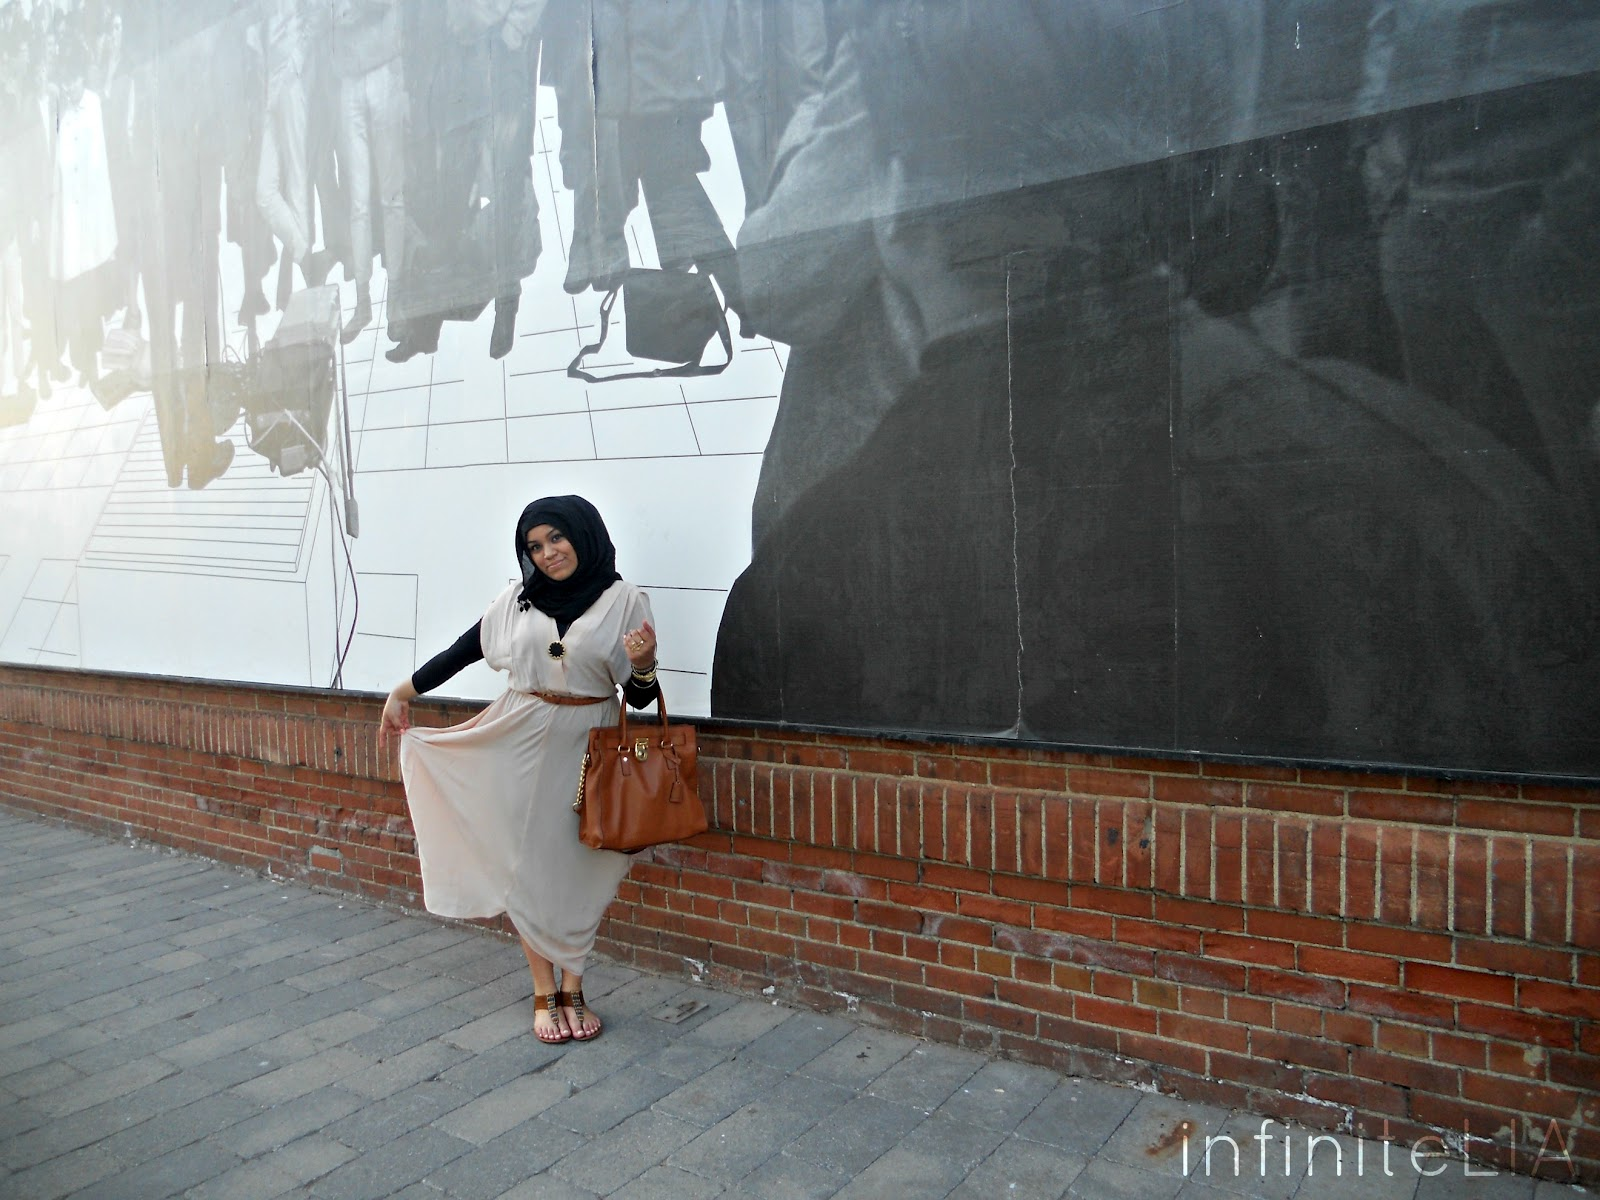 http://2.bp.blogspot.com/-DGenaNDtNr8/T7hWJfoiiQI/AAAAAAAABZM/C3OhObKetmA/s1600/myne6.jpg